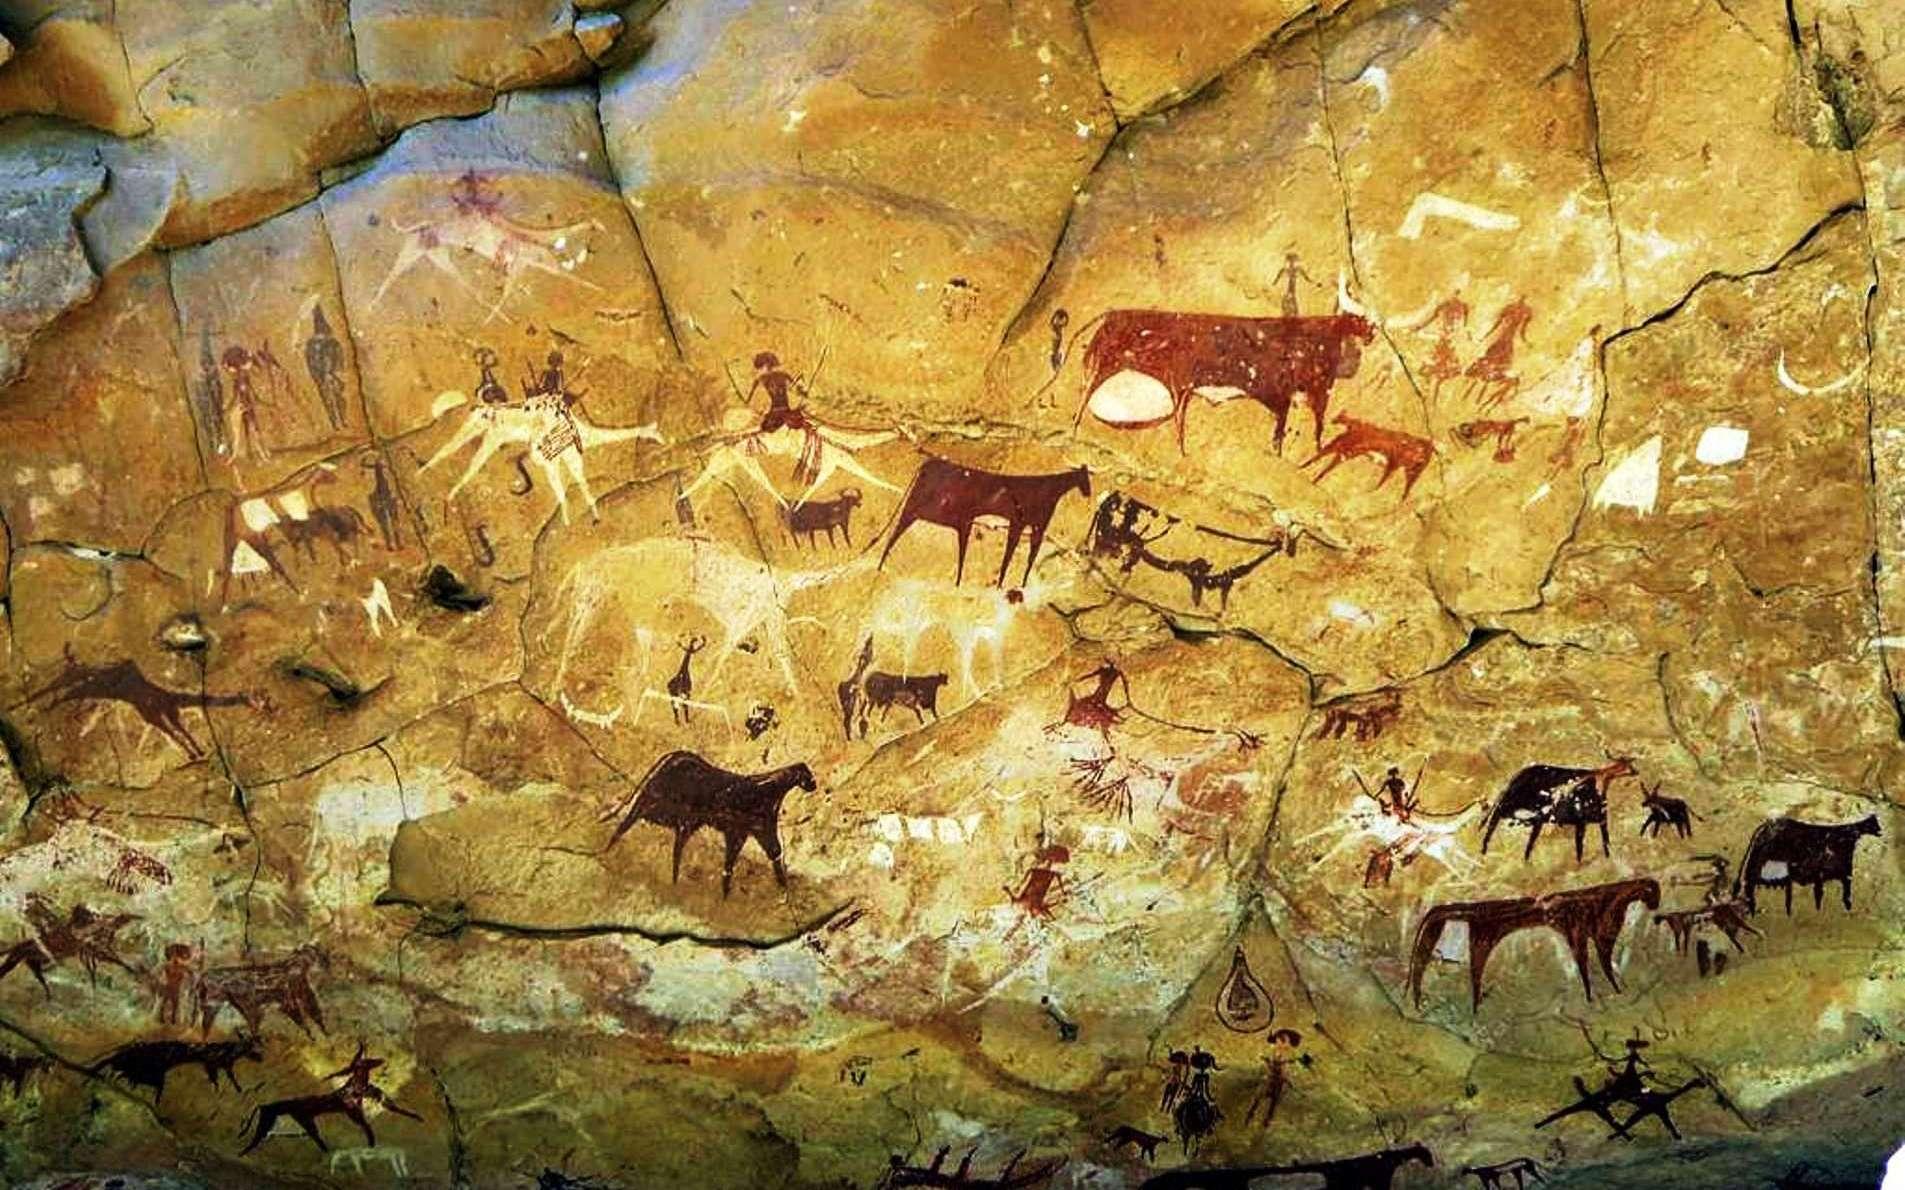 Des gravures rupestres datant de l'époque du Sahara vert au Tchad. © David Stanley, cc by sa 2.0, Wikipédia